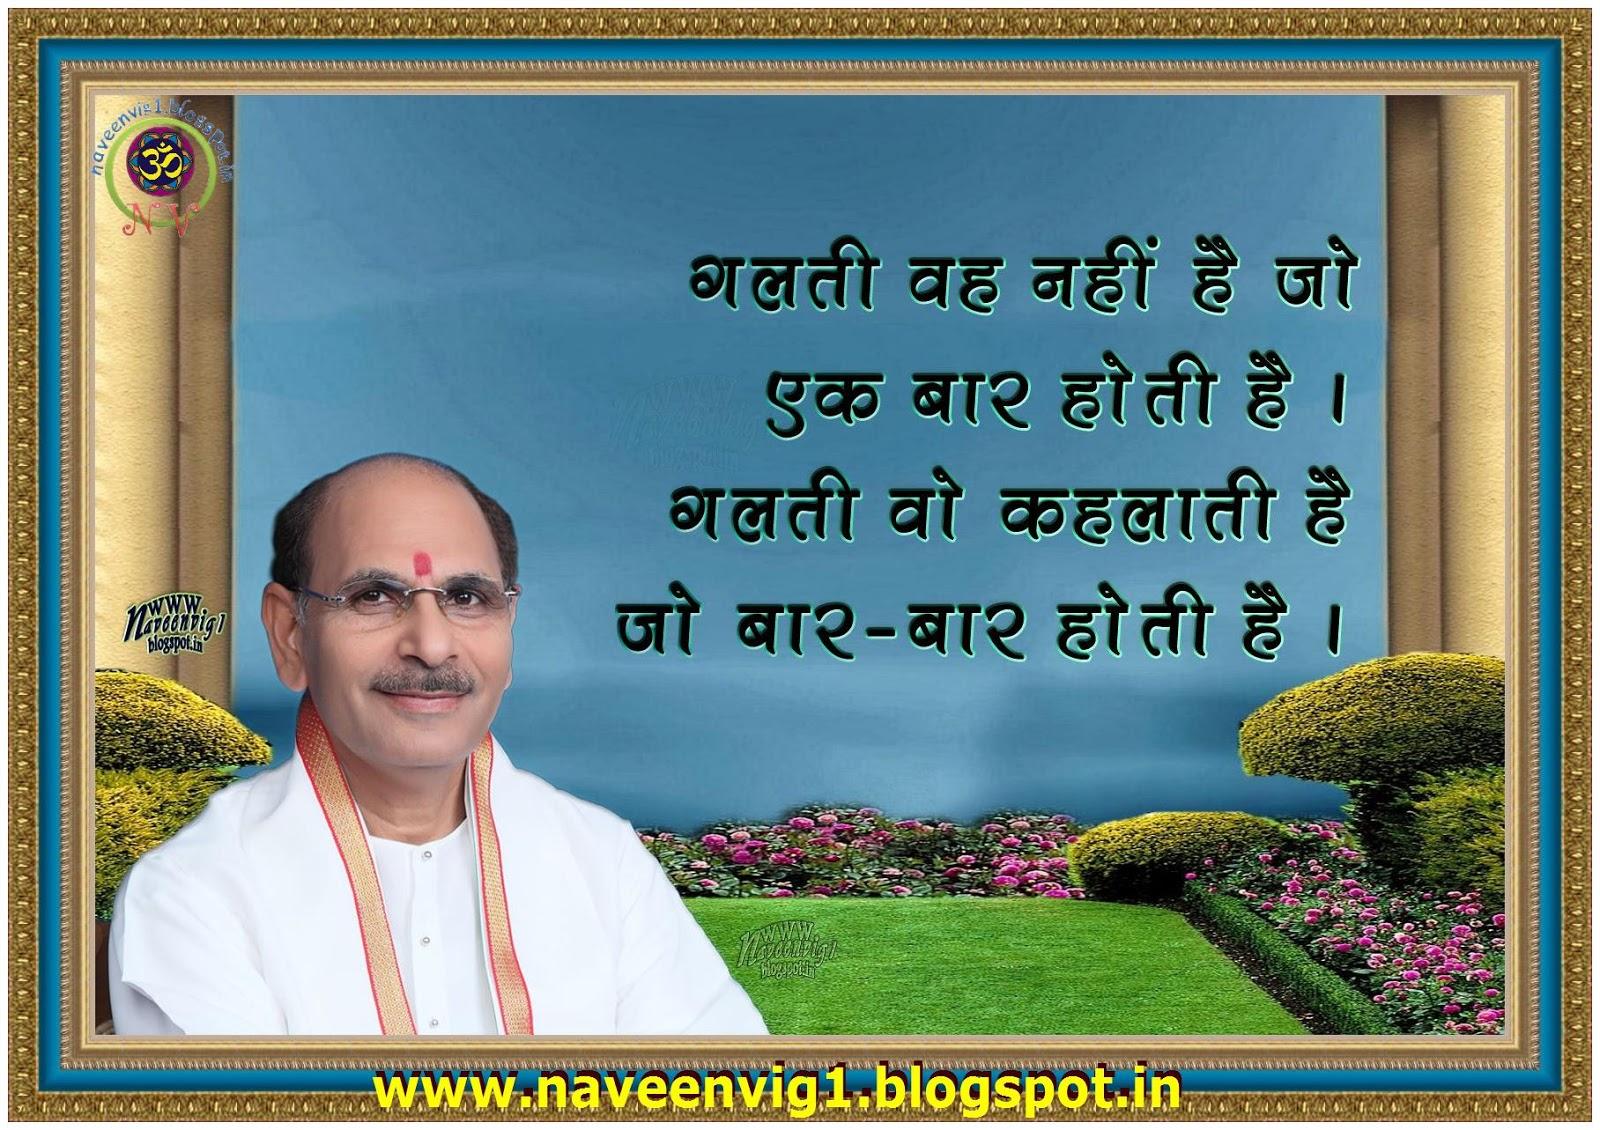 param pujya sudhanshu ji maharaj,dehradun: 5583 – param